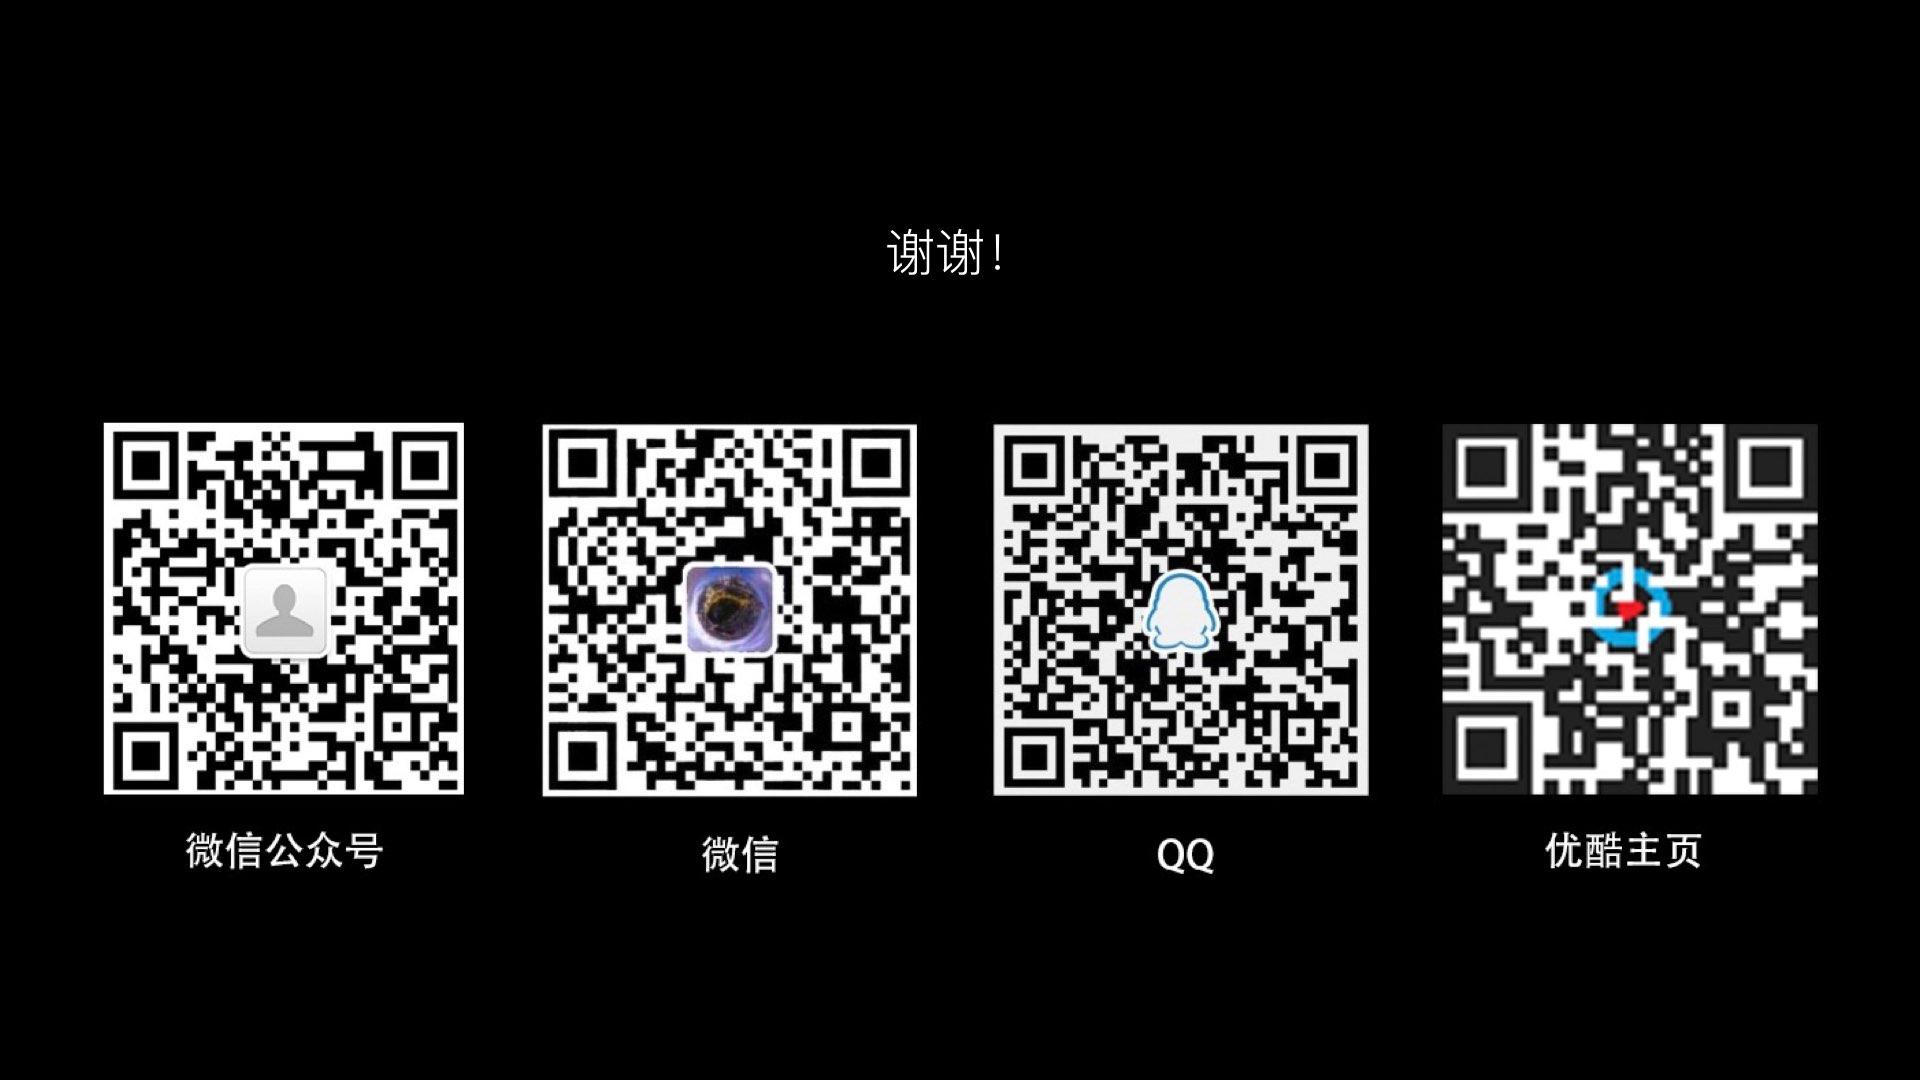 化腐朽为神奇,Snapseed图片编辑教程.039.jpeg